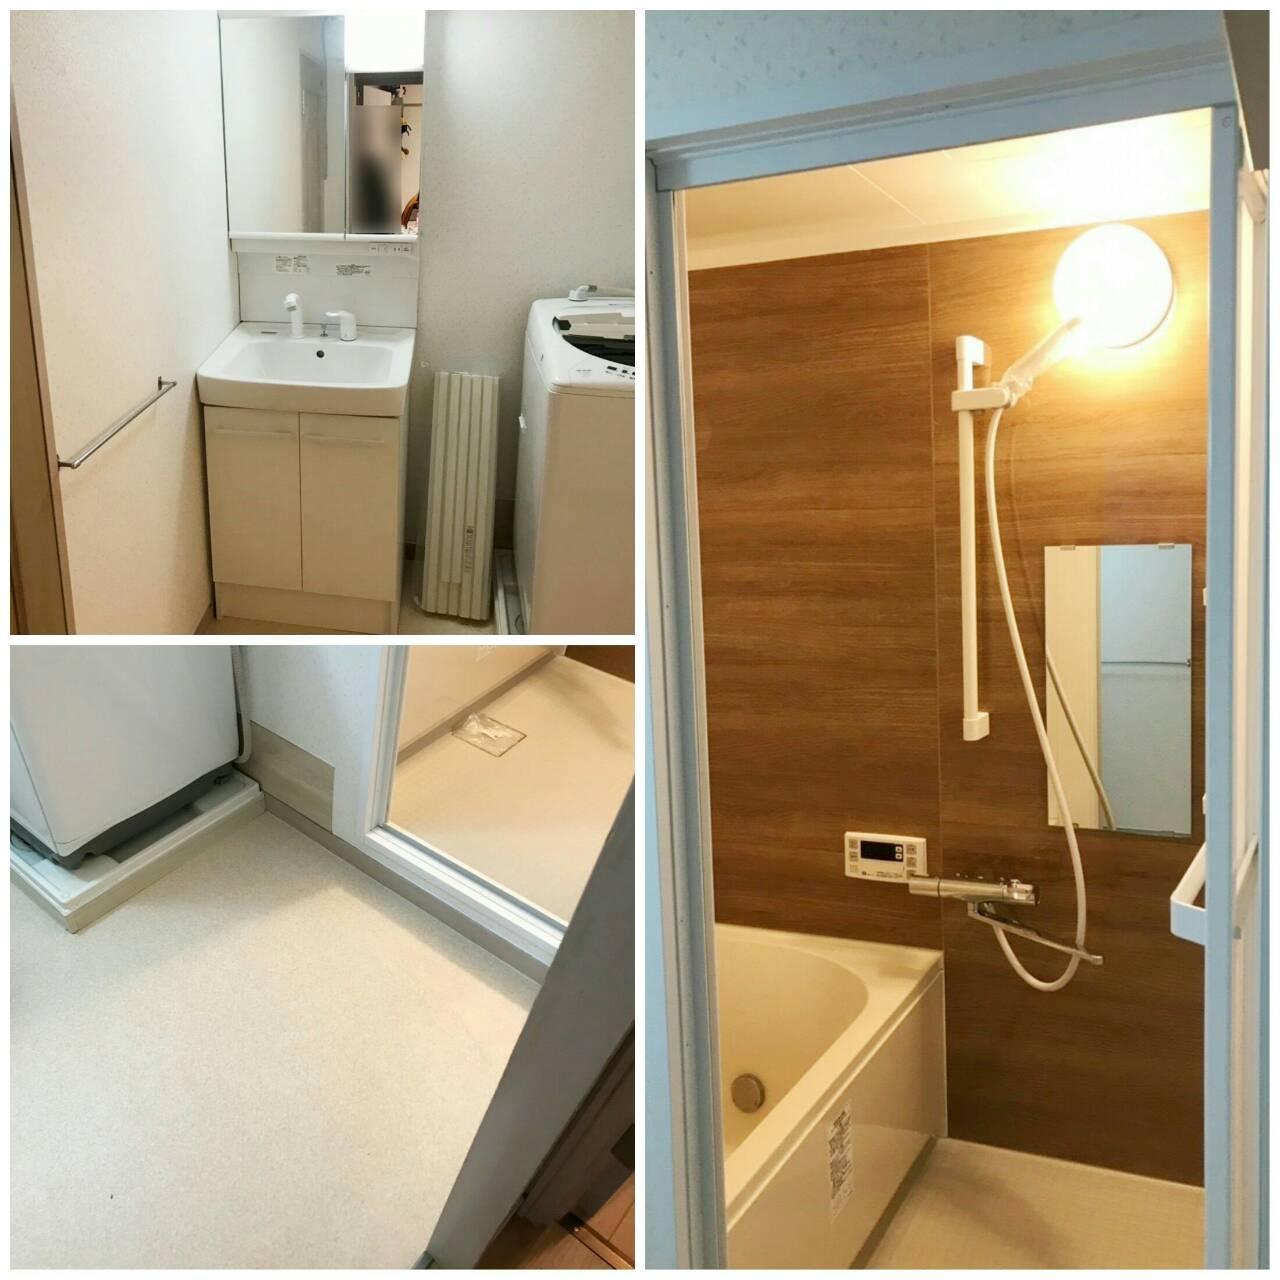 池田市五月丘 マンション 浴室・洗面リフォーム